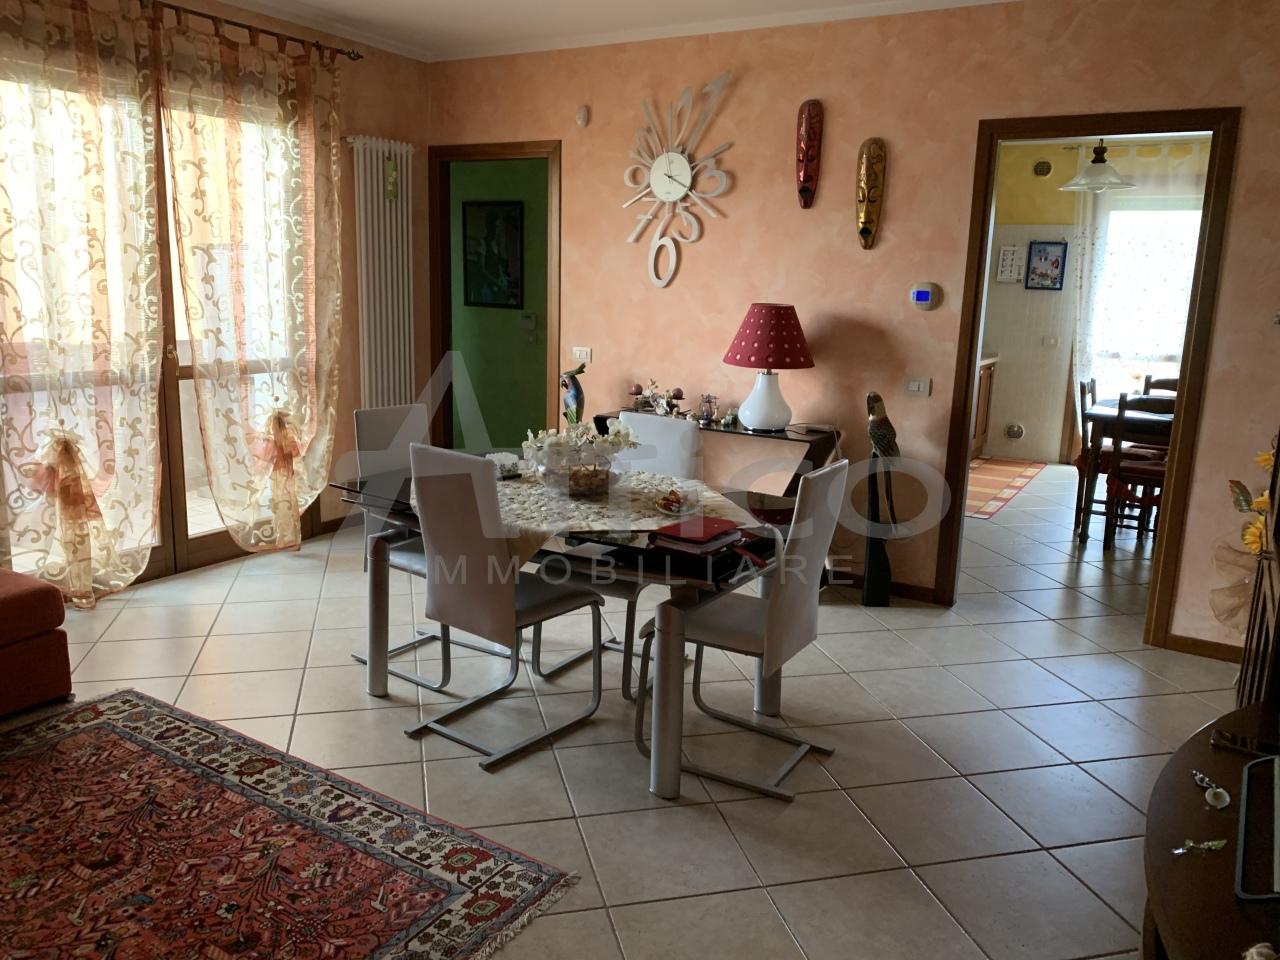 Appartamento - Quadrilocale a Boara Polesine, Rovigo